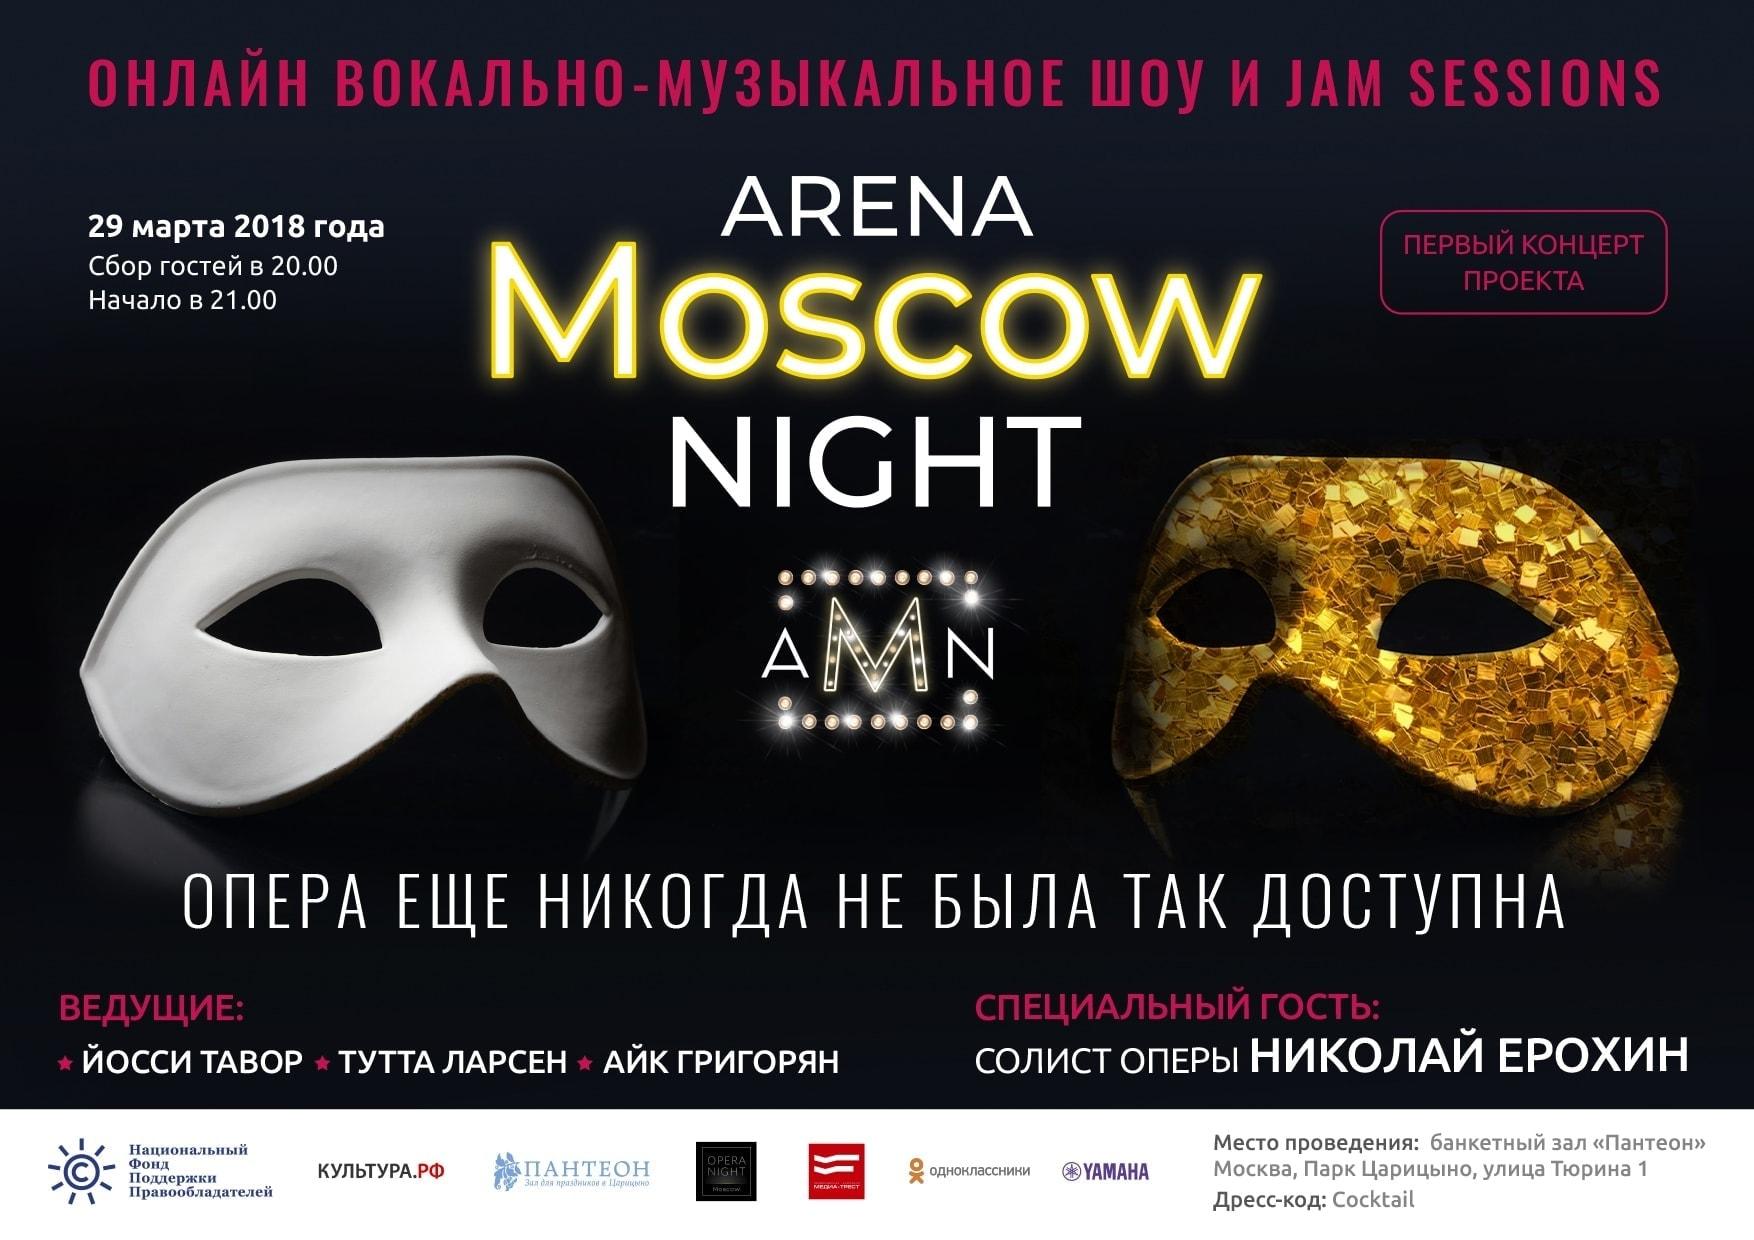 На портале «Культура.РФ» и в соцсети «Одноклассники» стартовал проект Arena Moscow Night